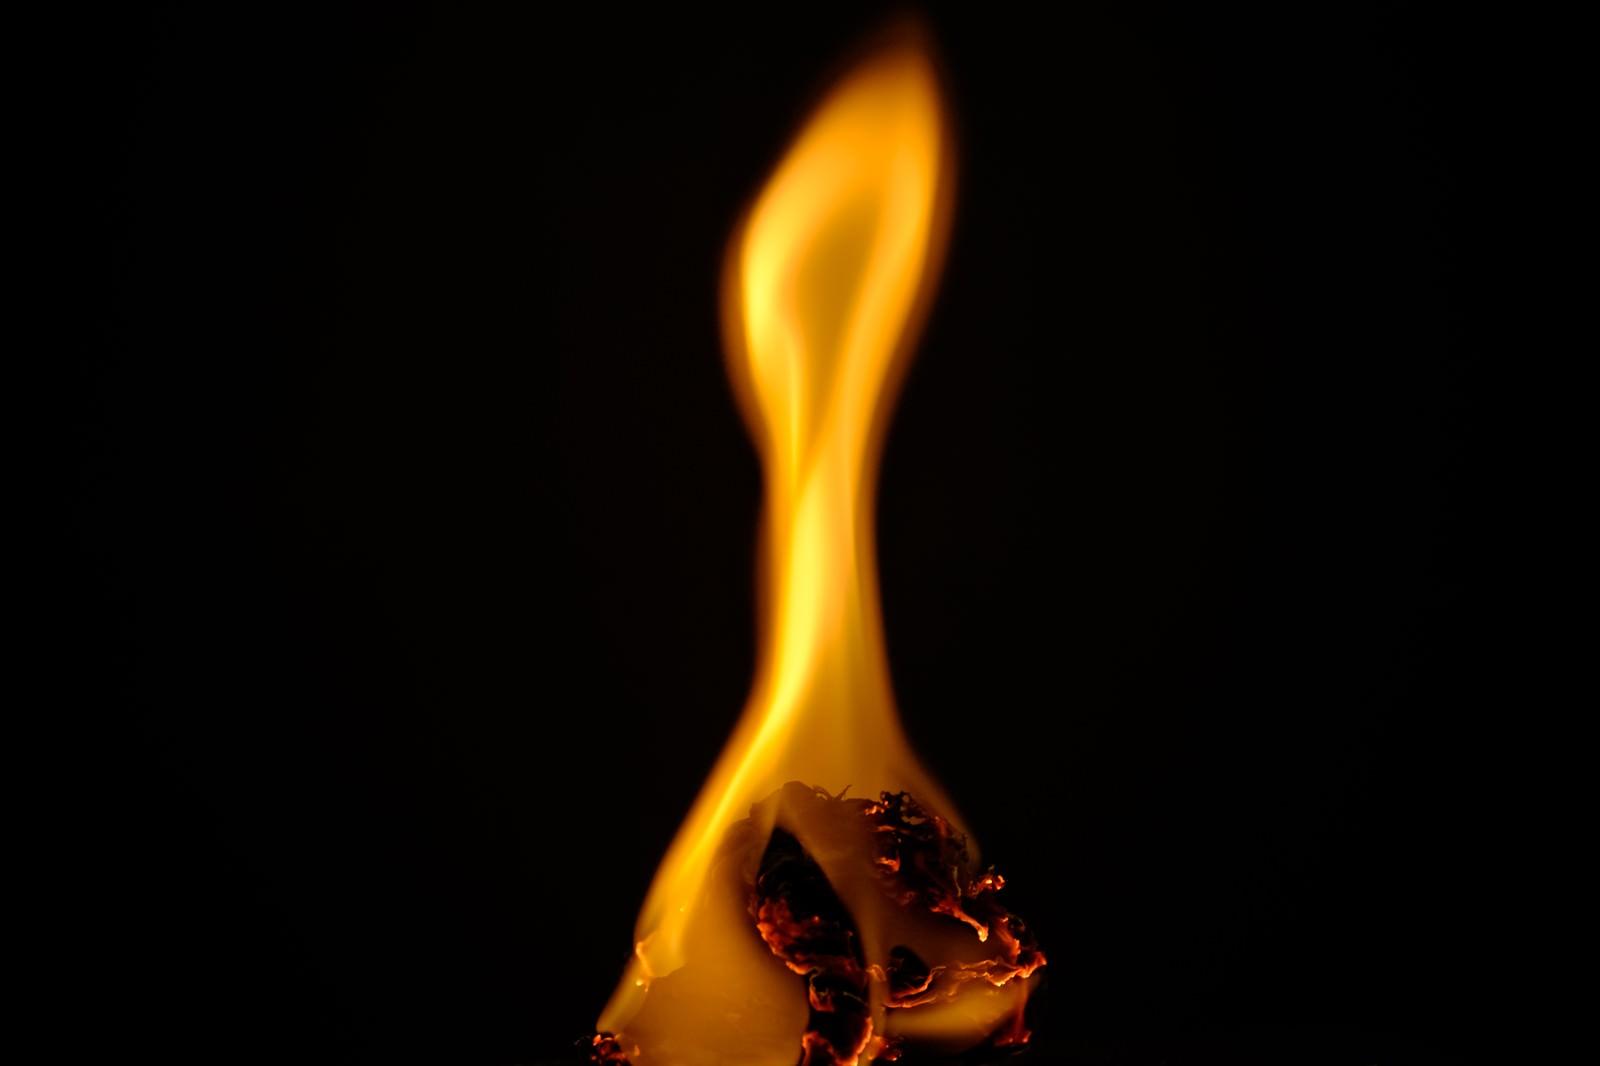 「紙くずが燃焼する」の写真